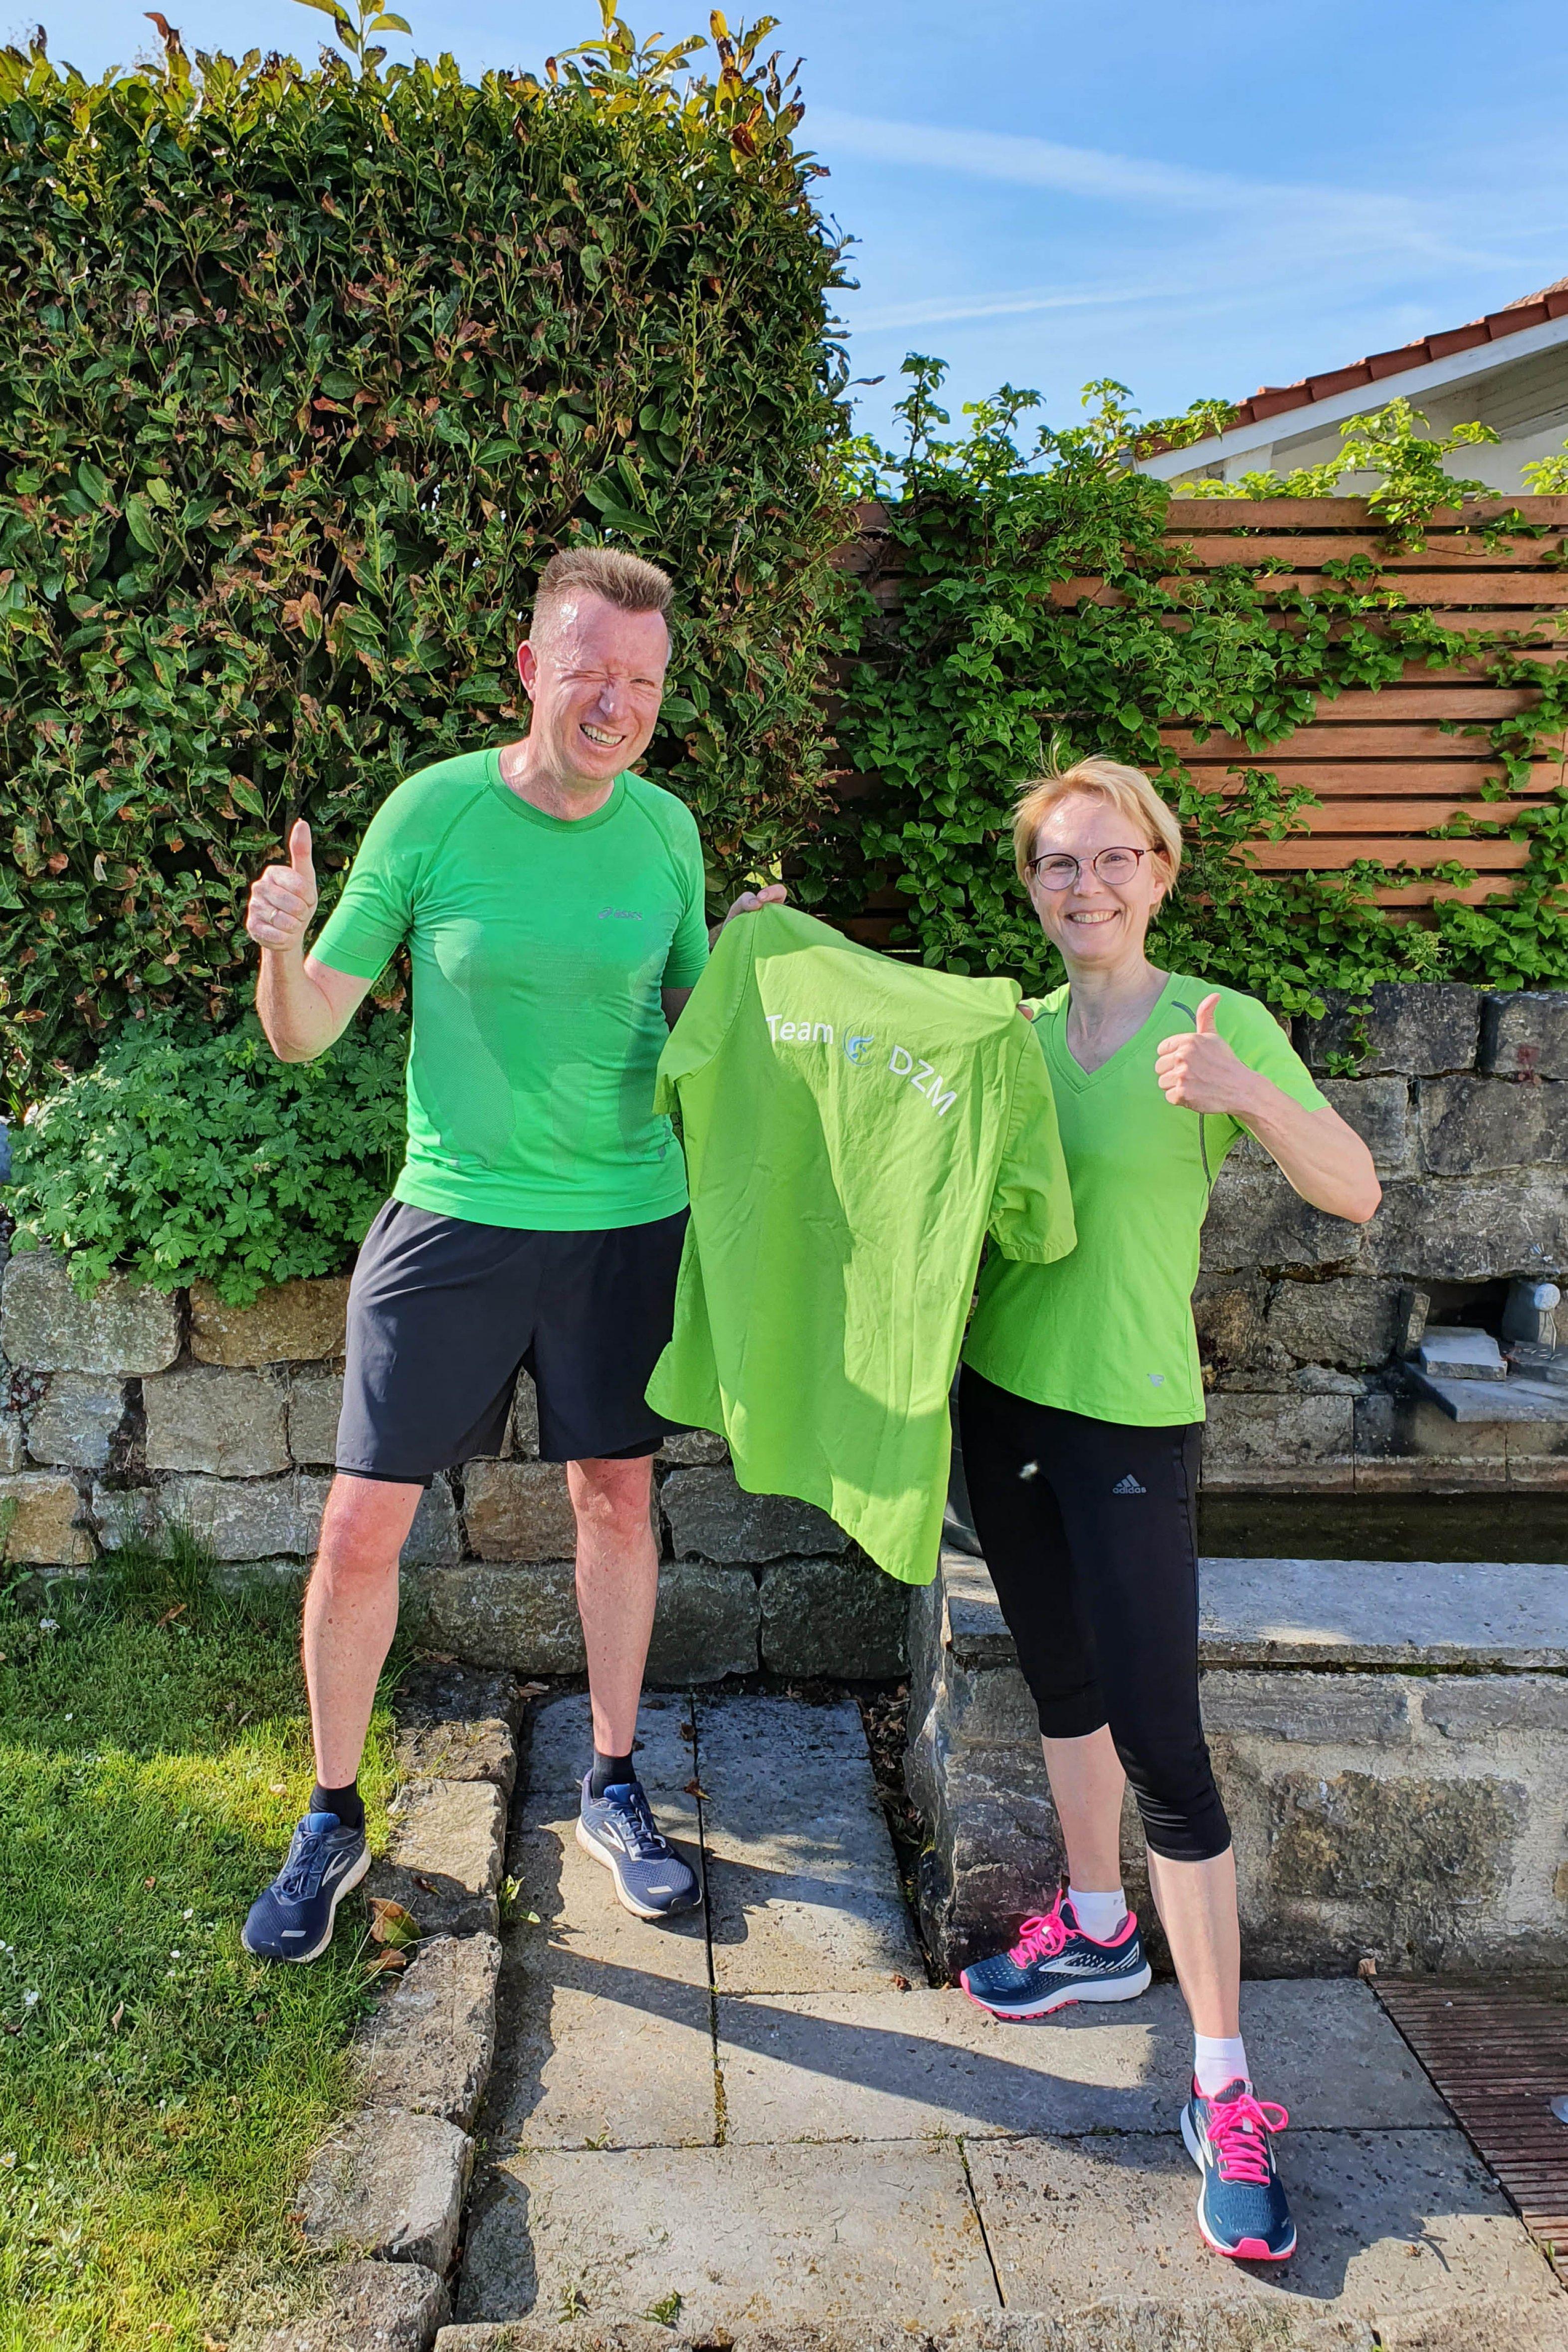 Dr. Carsten und Dr. Astrid Volkery vom Diabeteszentrum Minden beim Diabetes-Lauf